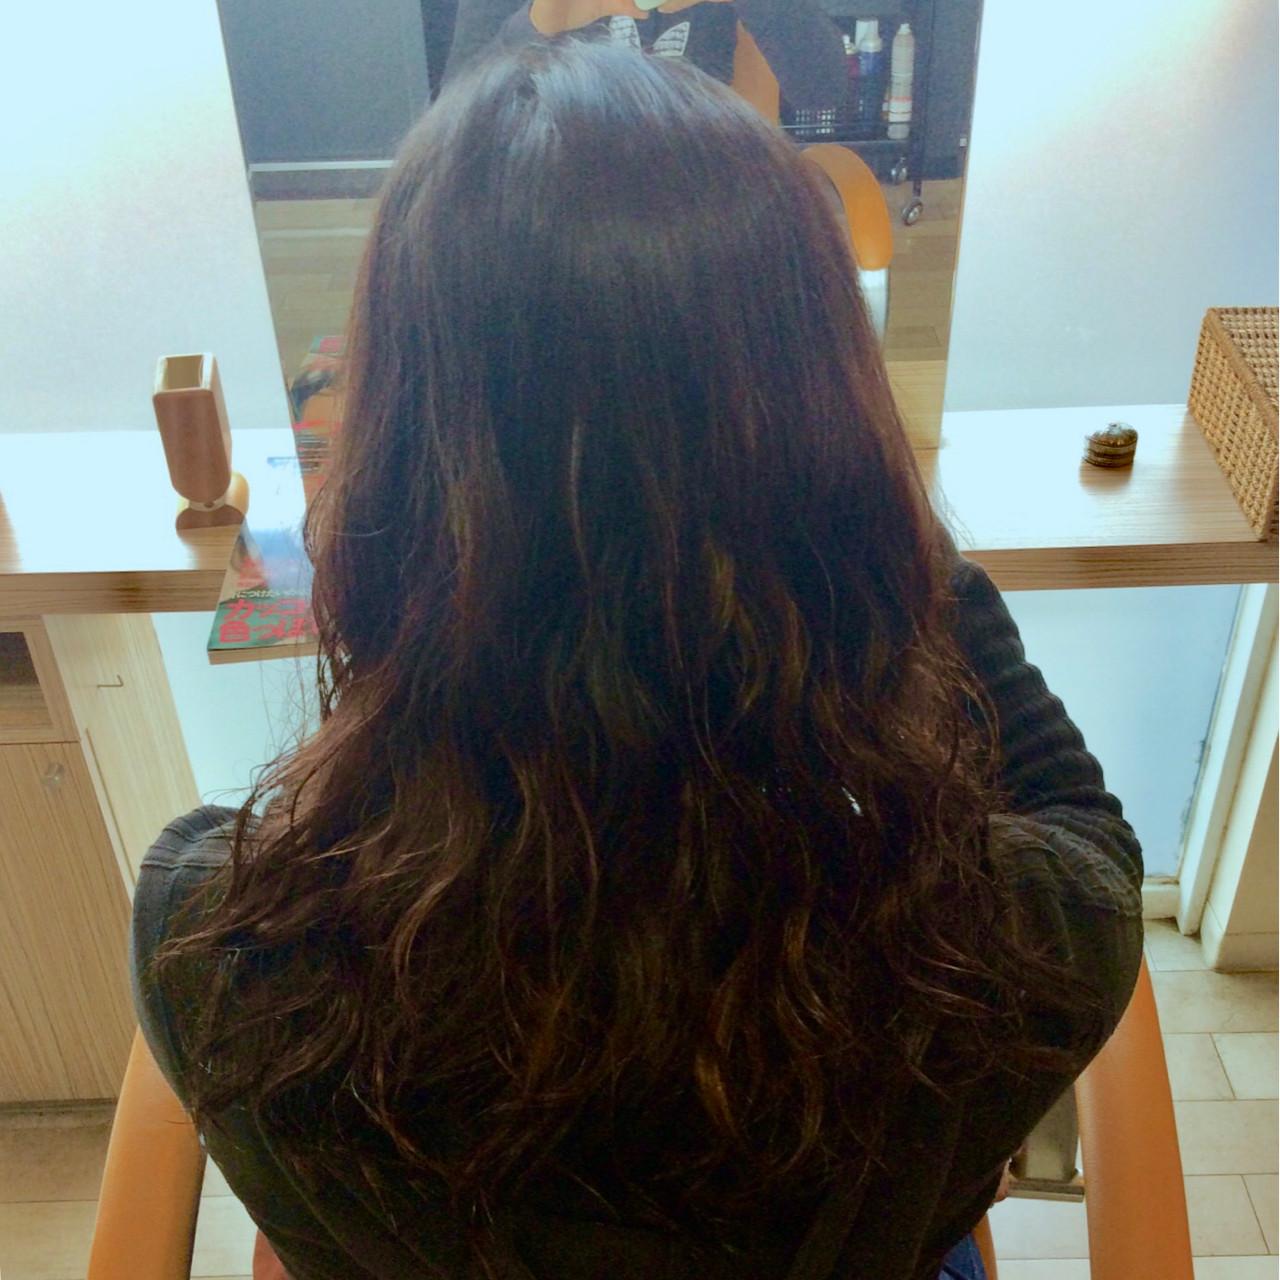 パーマ セミロング ナチュラル イルミナカラー ヘアスタイルや髪型の写真・画像 | 石井 美那 / BERAg hair